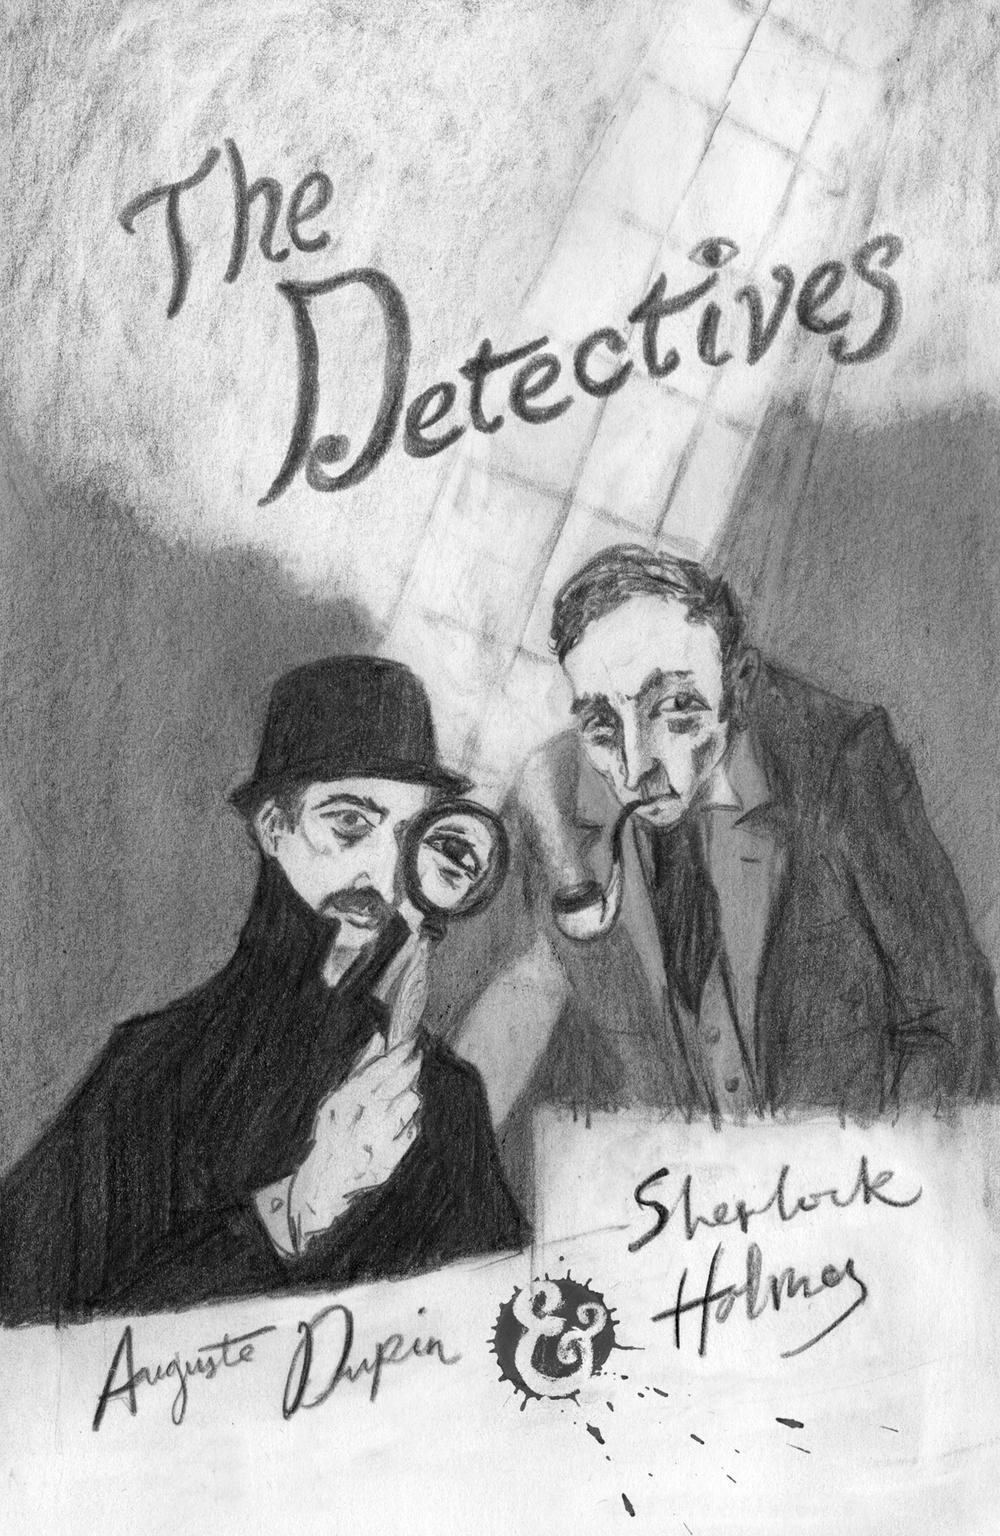 detectives new.jpg